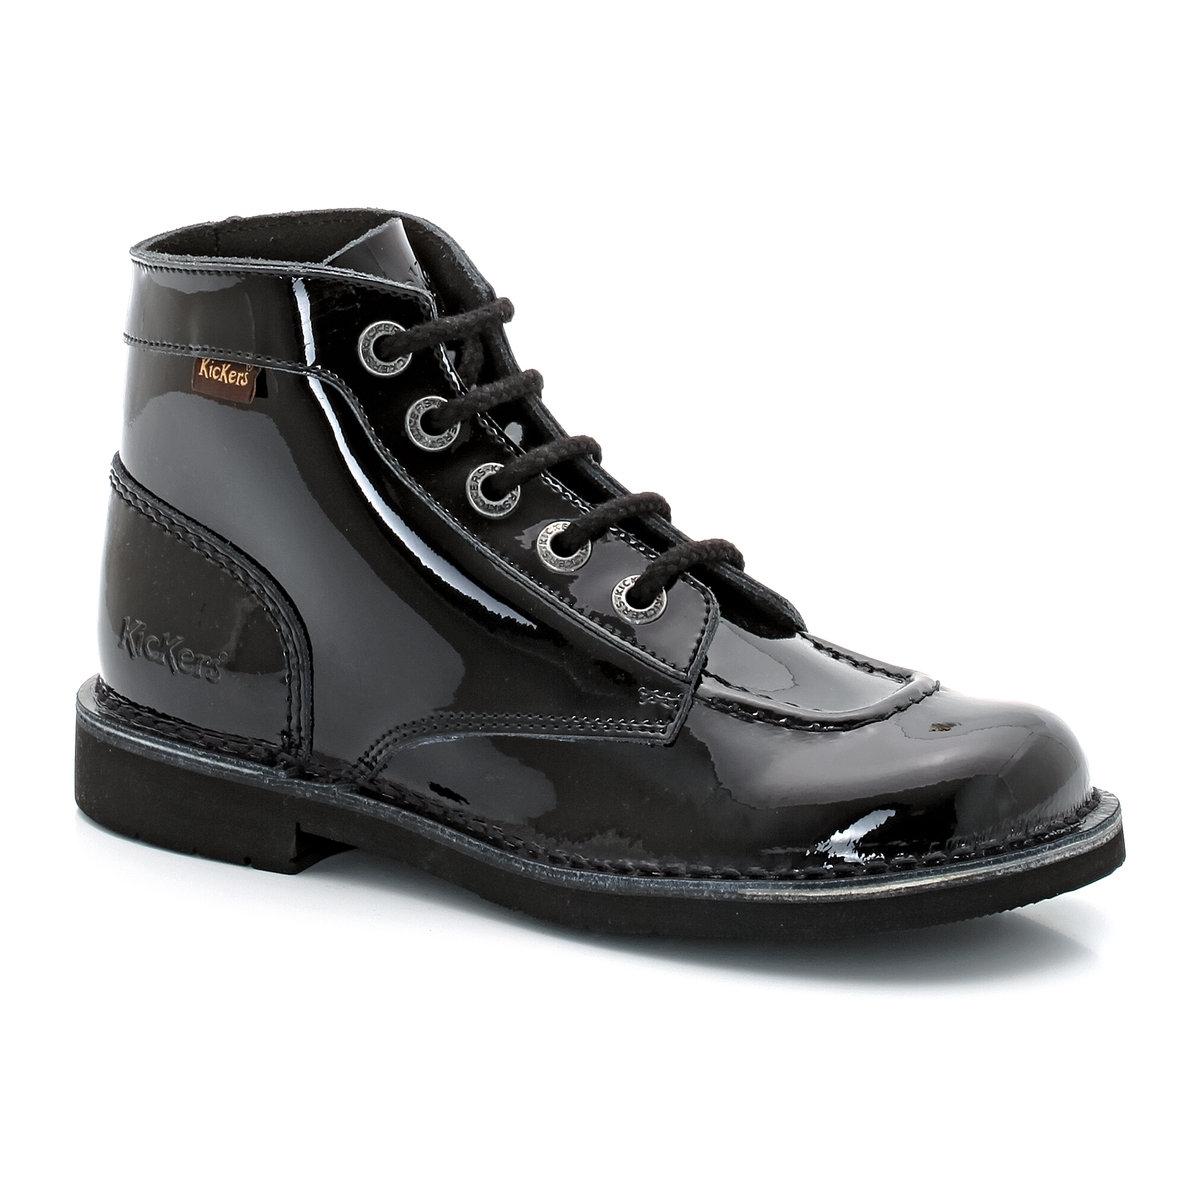 Ботинки из лакированной кожи<br><br>Цвет: Черный лак<br>Размер: 36.37